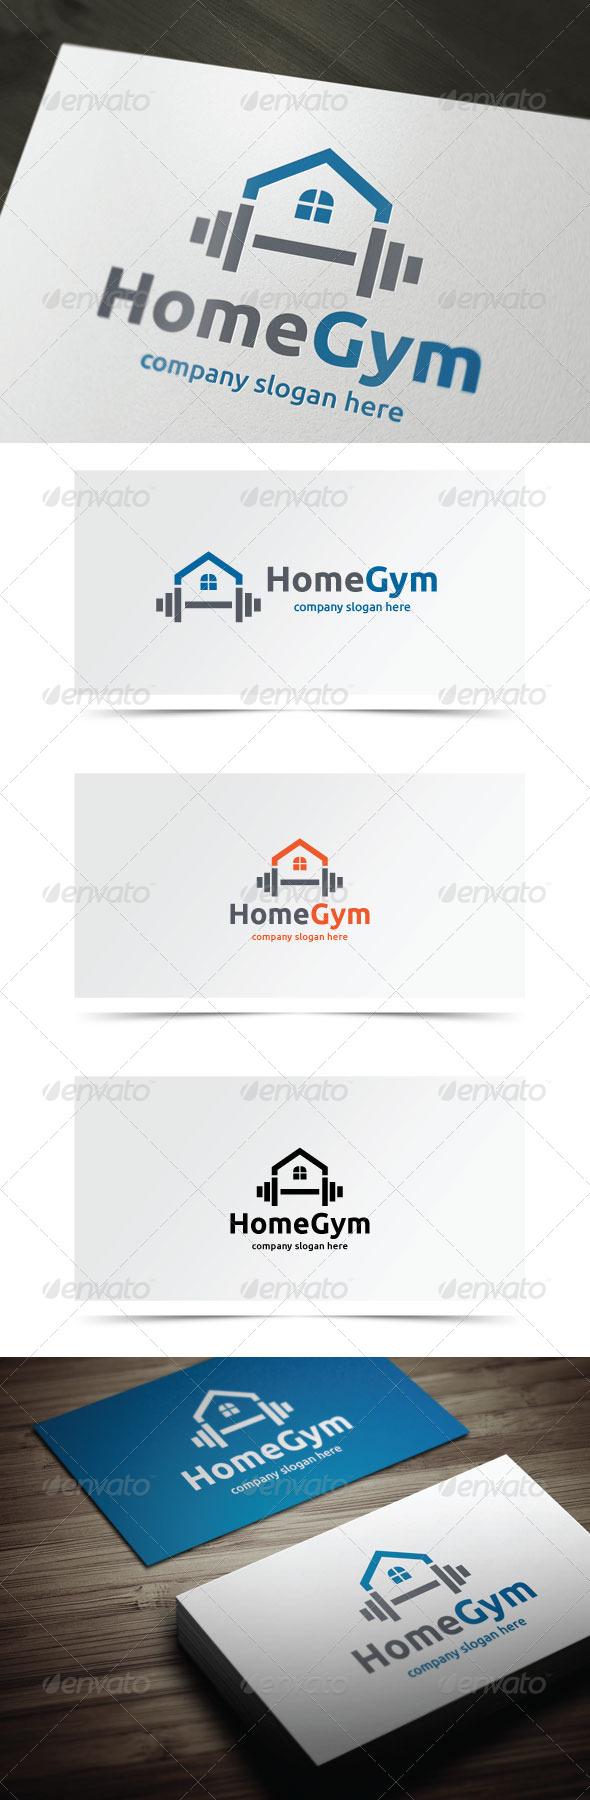 GraphicRiver Home Gym 6981149